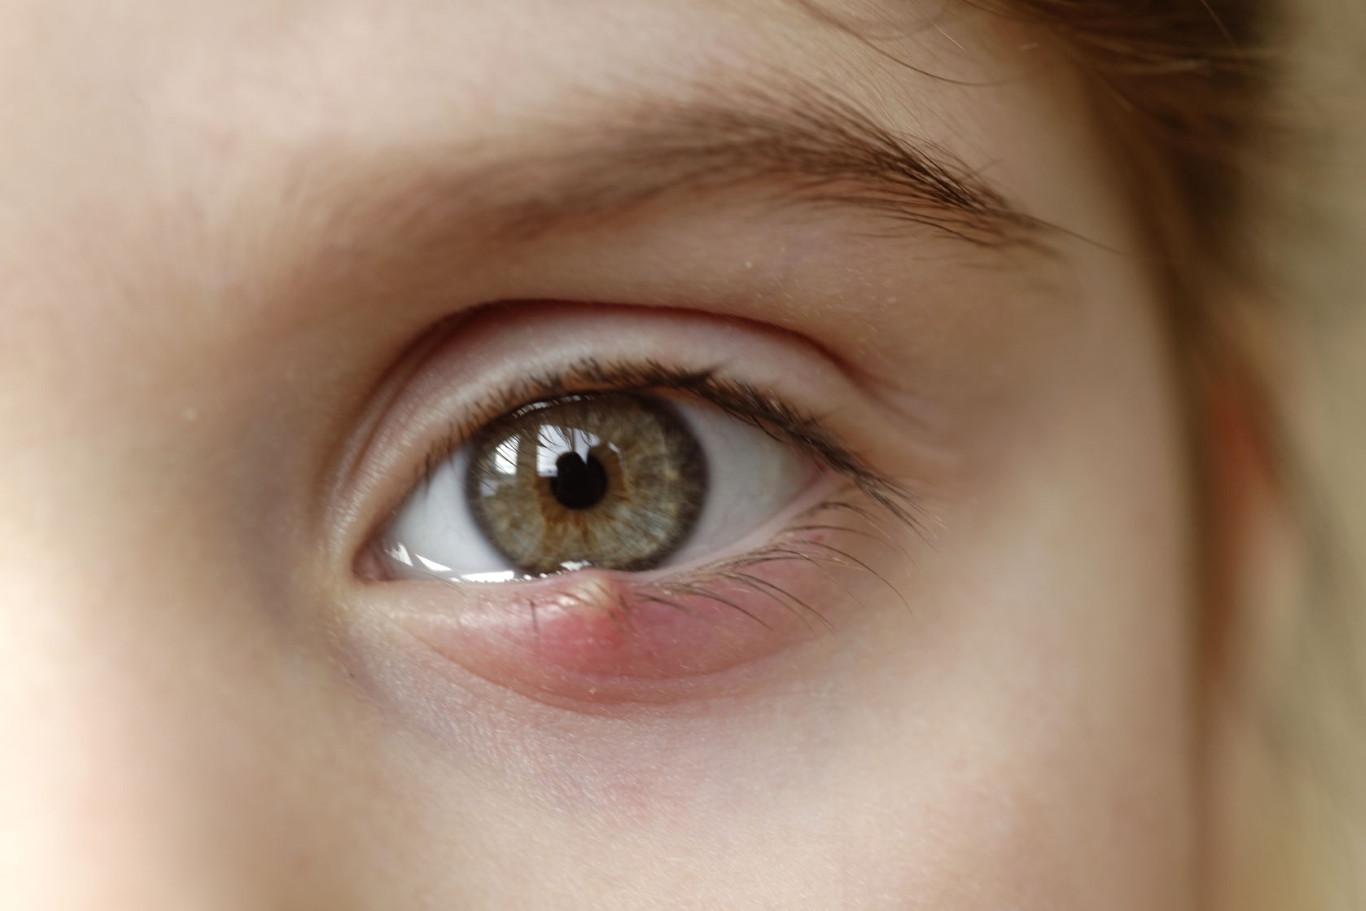 Álbum - Galería de imágenes de Chalazión y Orzuelos en la oftalmología pediátrica - Dr. Alvaro Sanabria - Venezuela